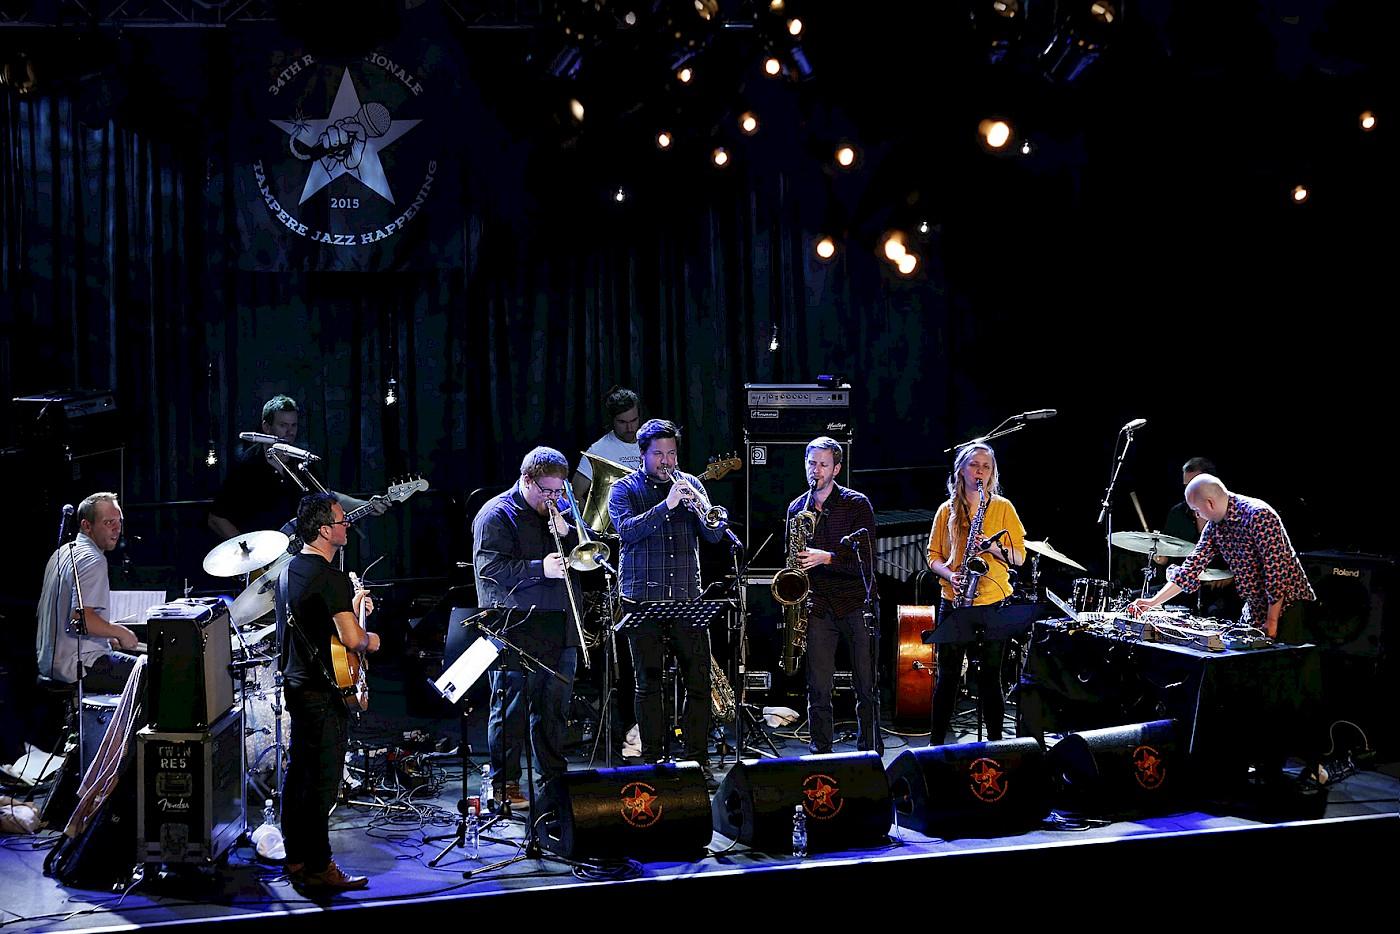 Tampere Jazz Happening top 5